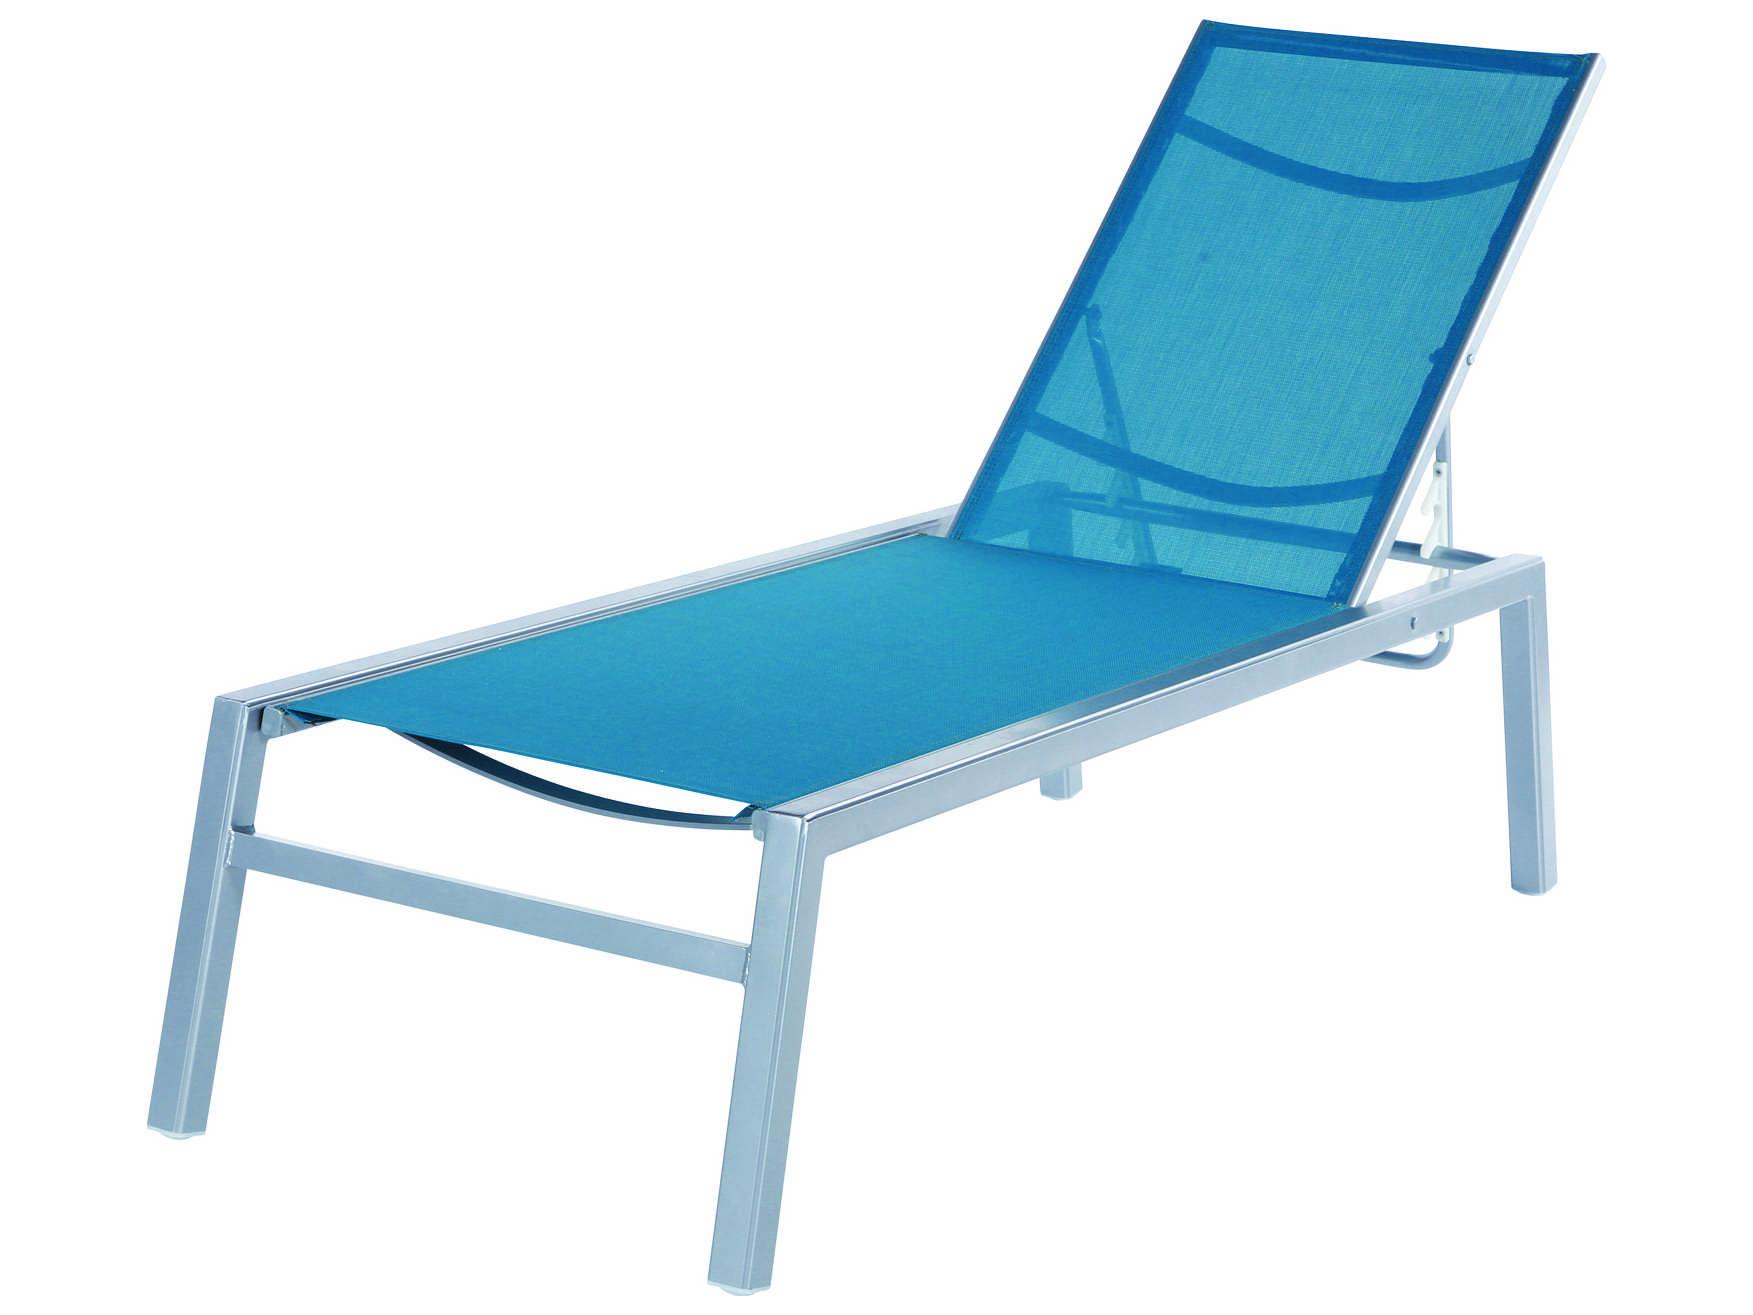 Windward design group madrid sling aluminum chaise lounge for Aluminum sling chaise lounge